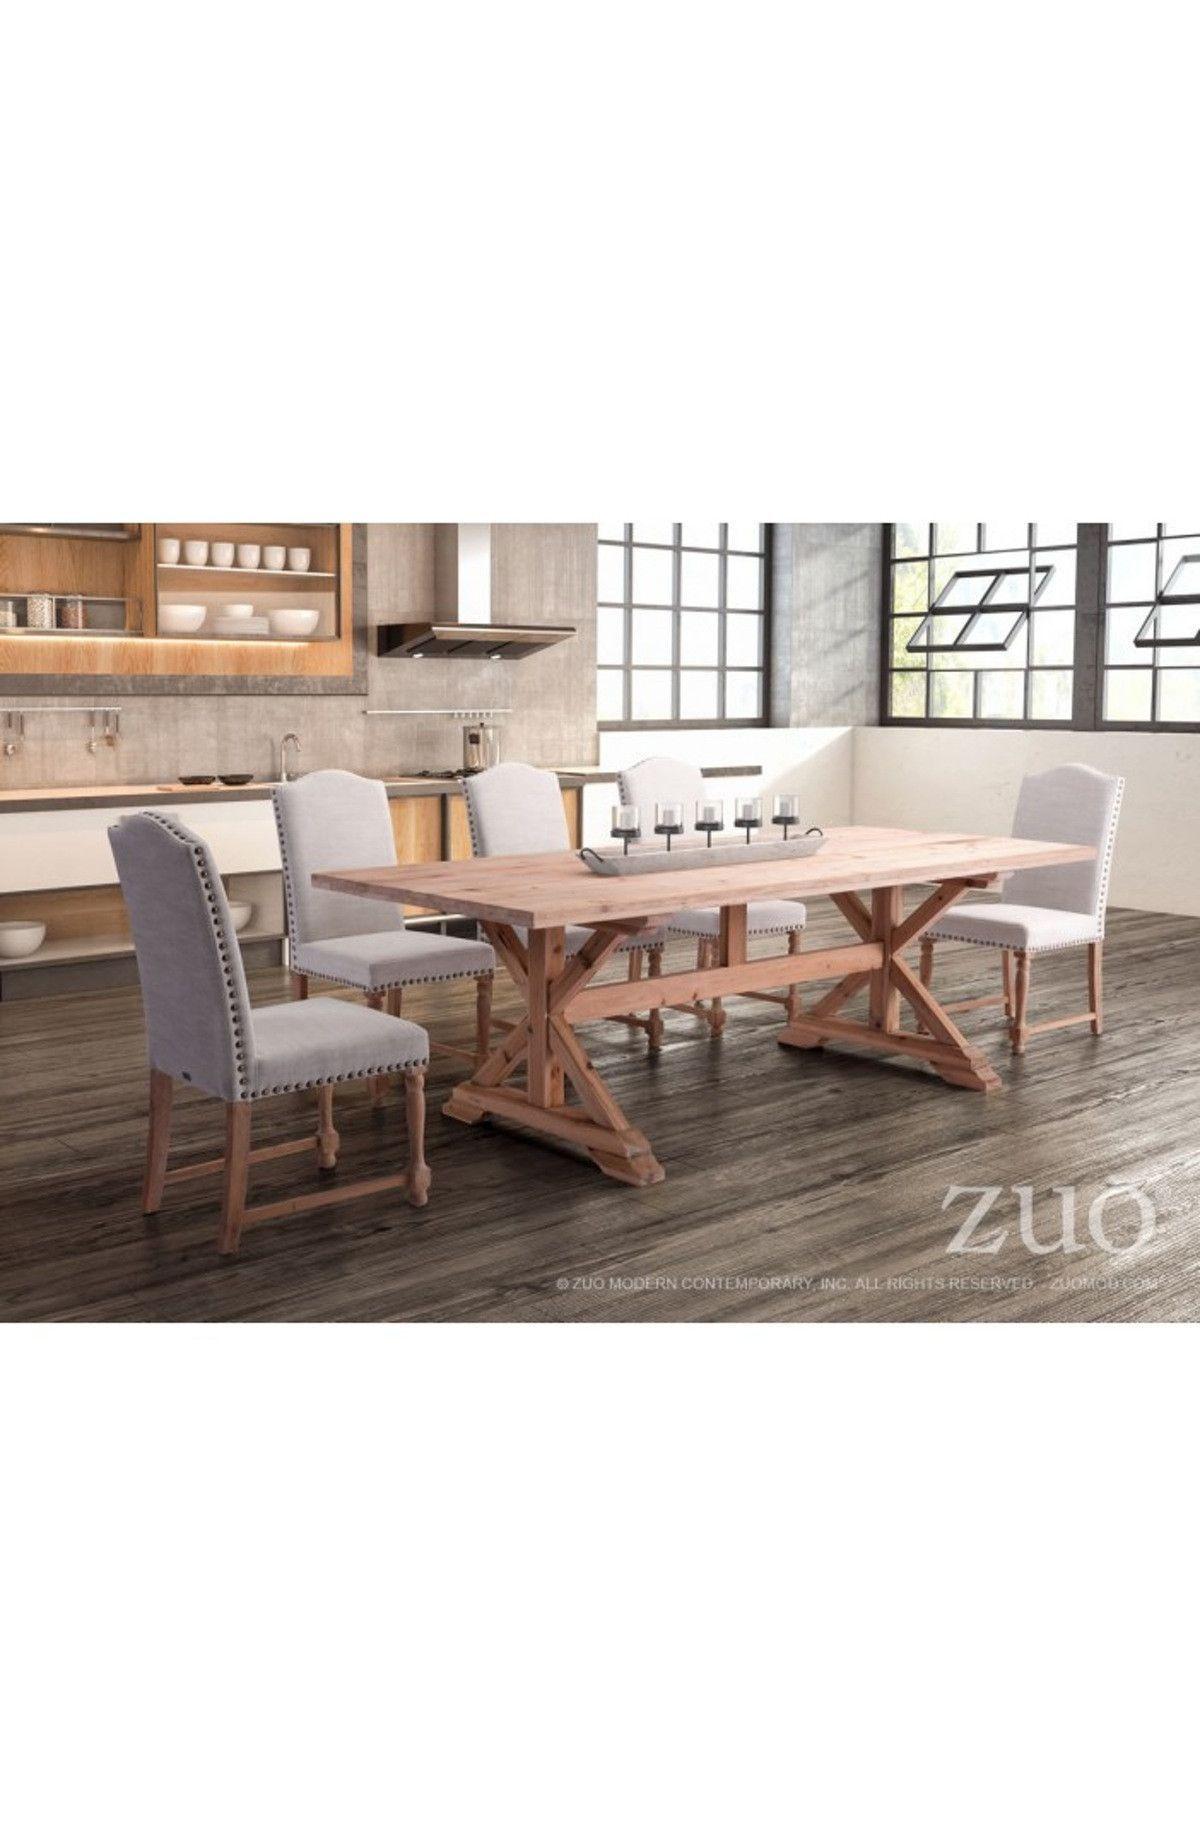 Zuo Modern Alliance Dining Table Natural Fir - 100440